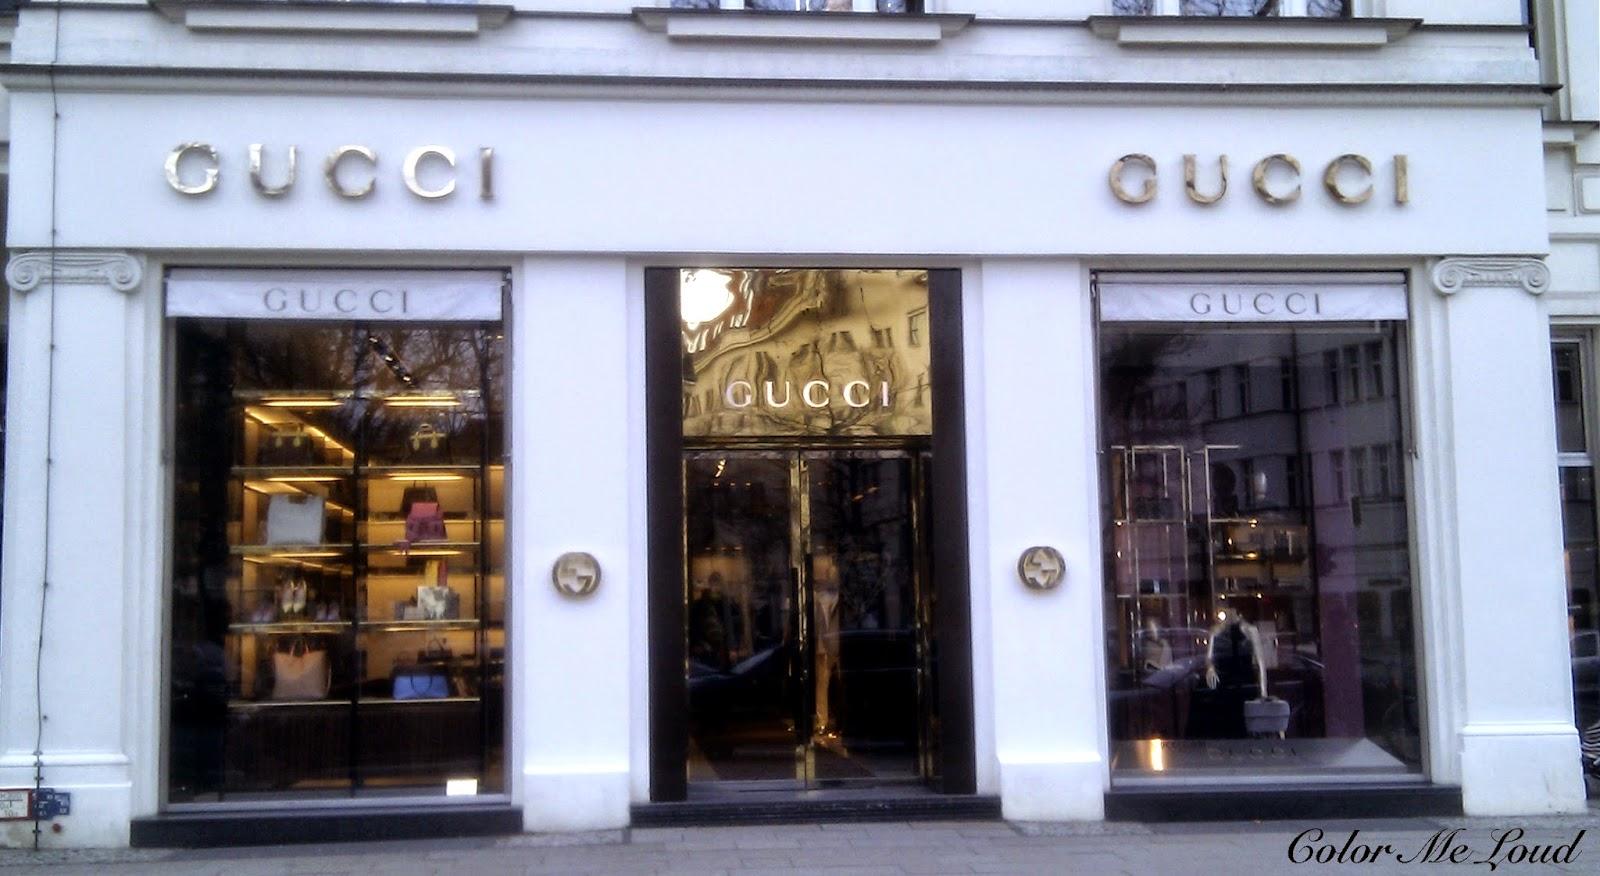 Gucci Store in Kurfürstendamm, Berlin